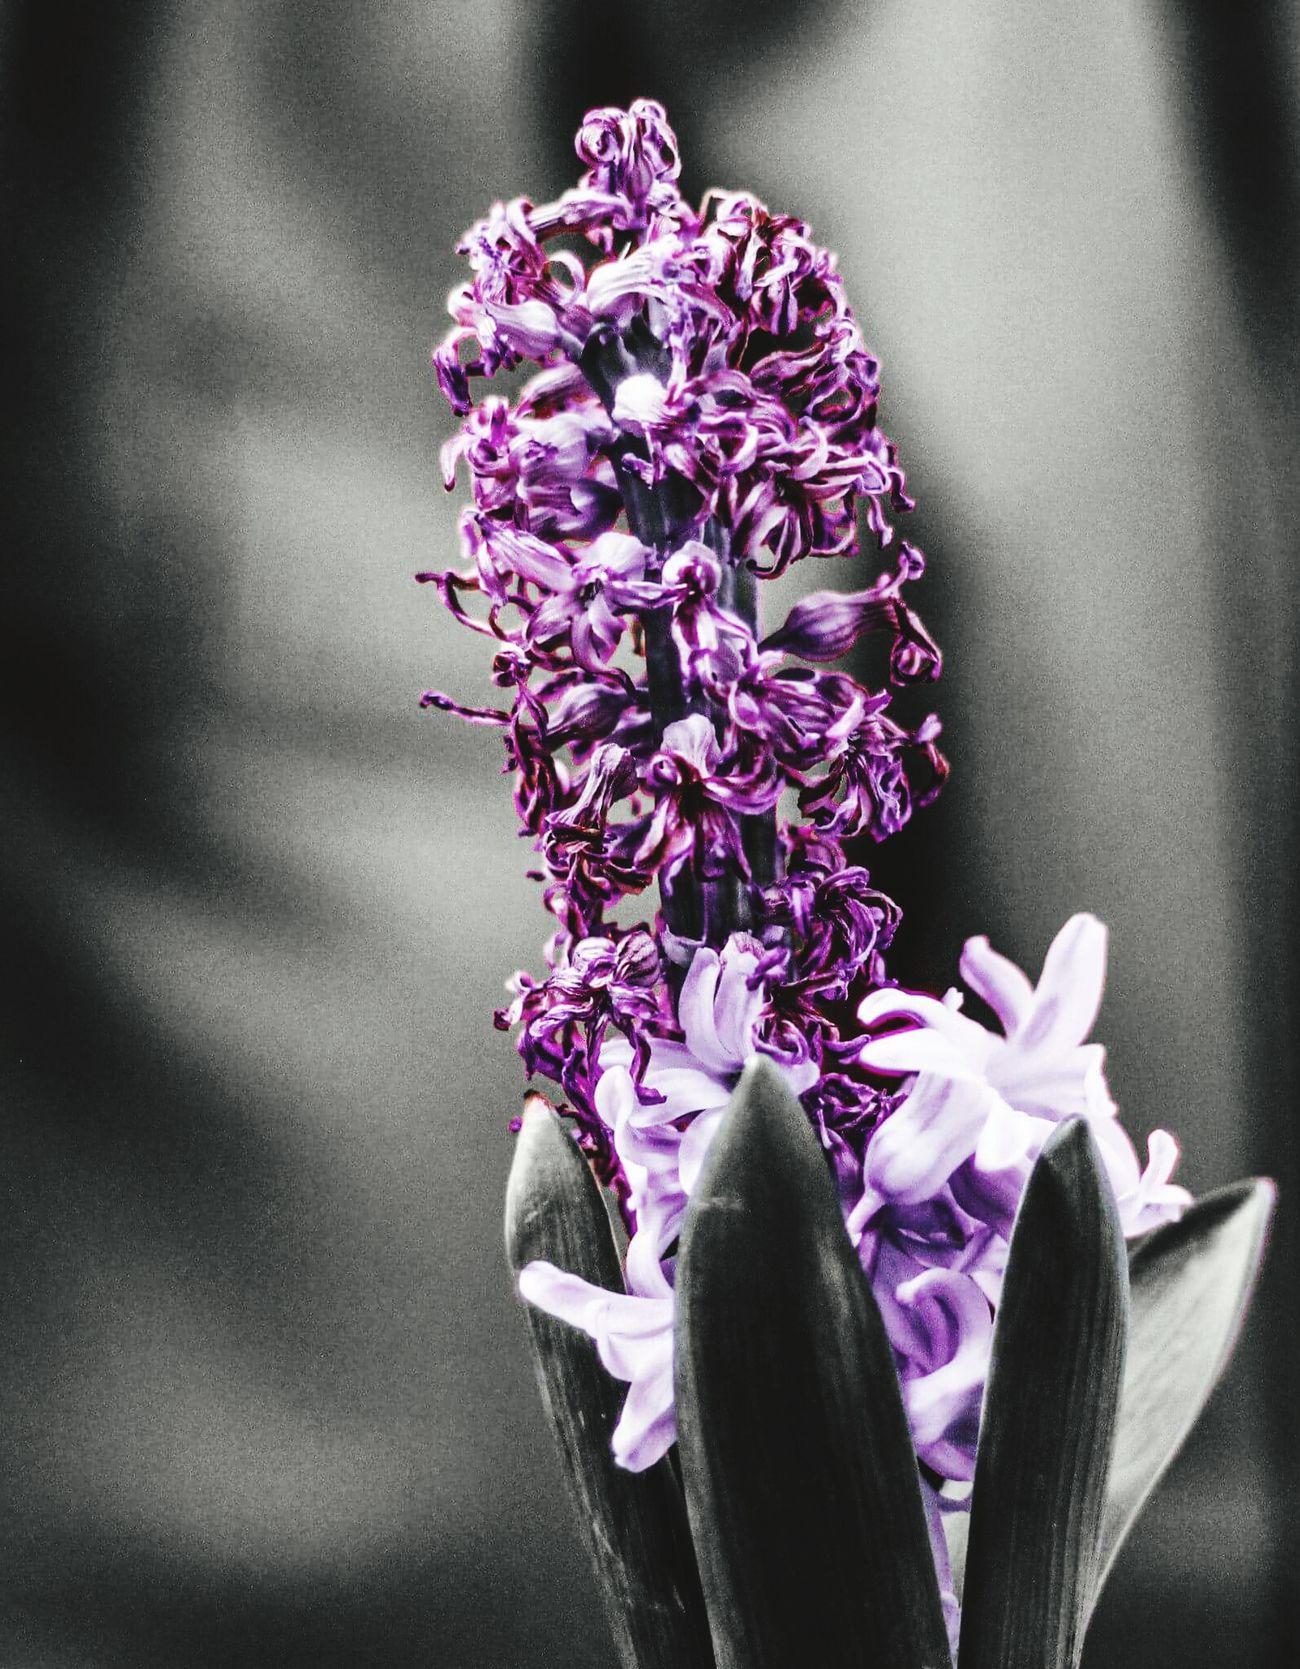 Depth Of Field Flower Purple ♥ Love So Much 💜